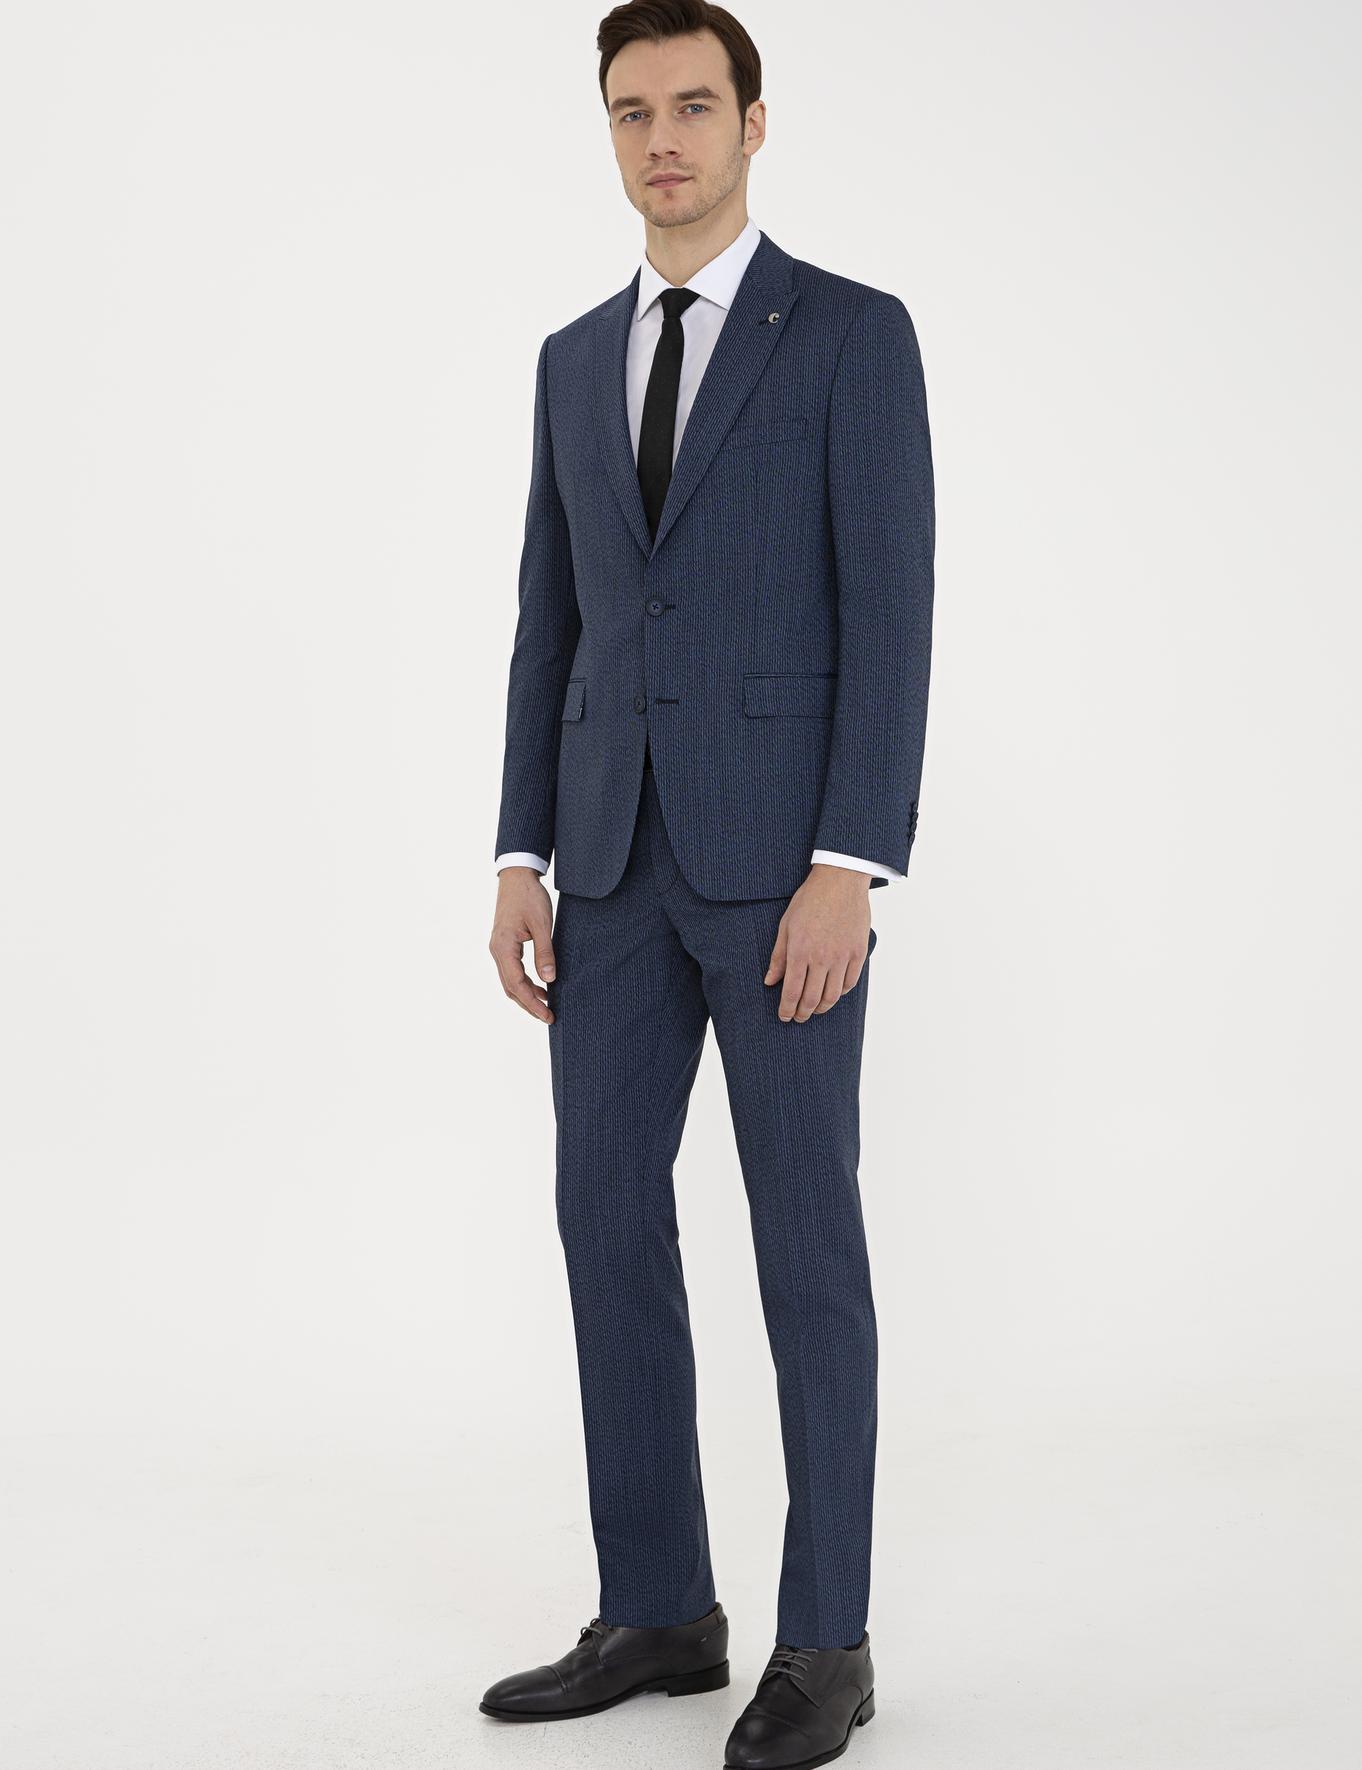 Lacivert Slim Fit Takım Elbise - 50237305017